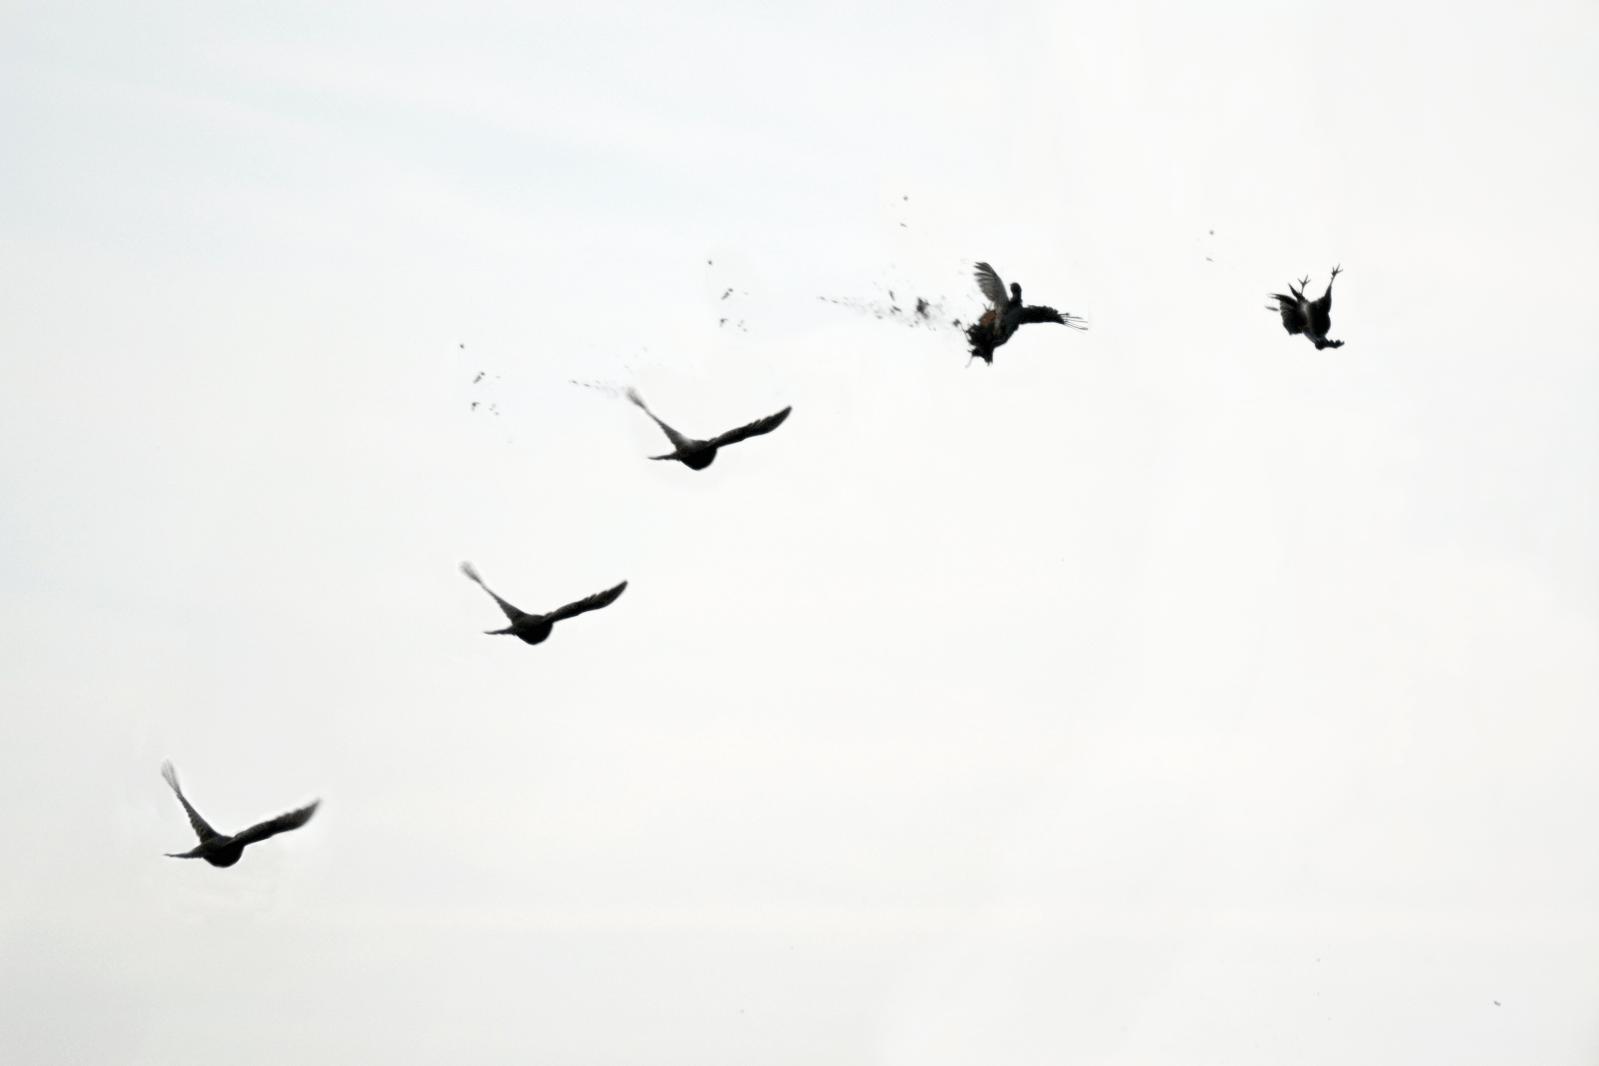 Der er kun én fugl på billedet